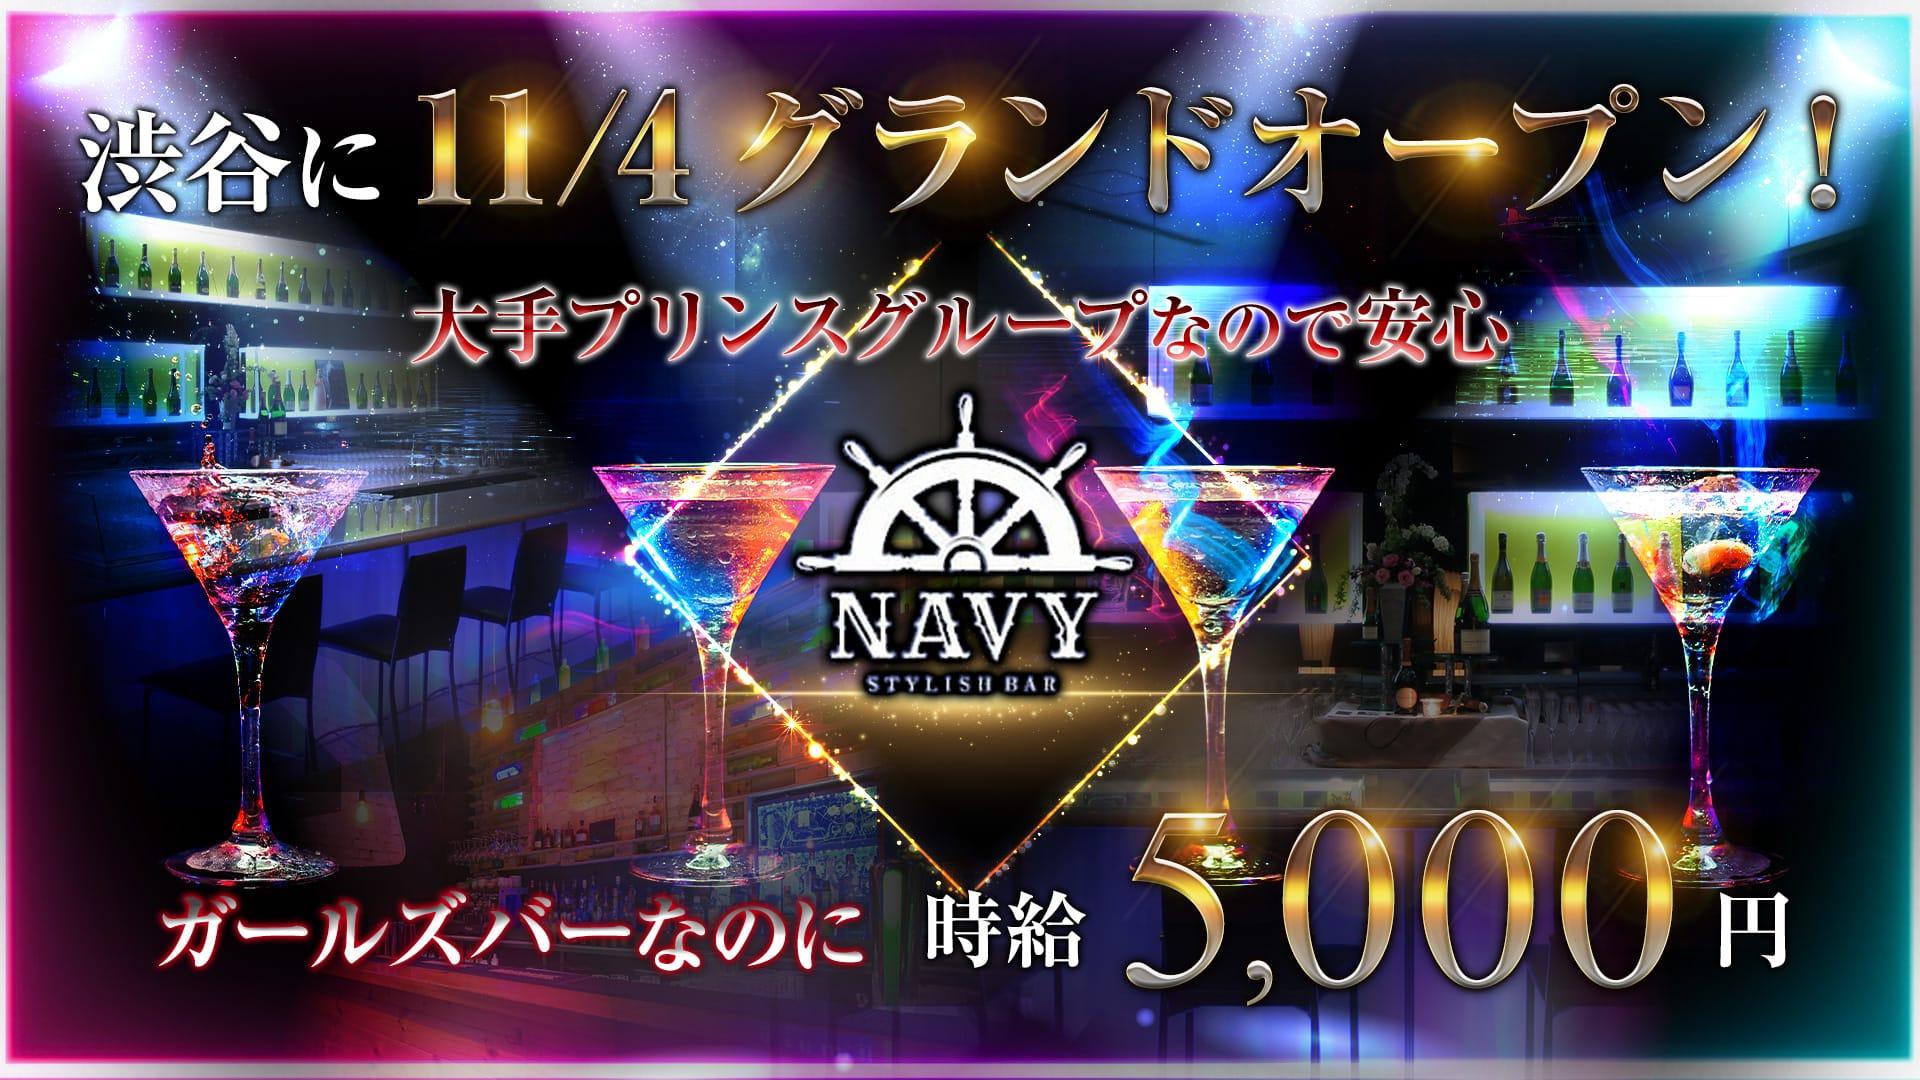 渋谷NAVY(ネイビー) 渋谷ガールズバー TOP画像